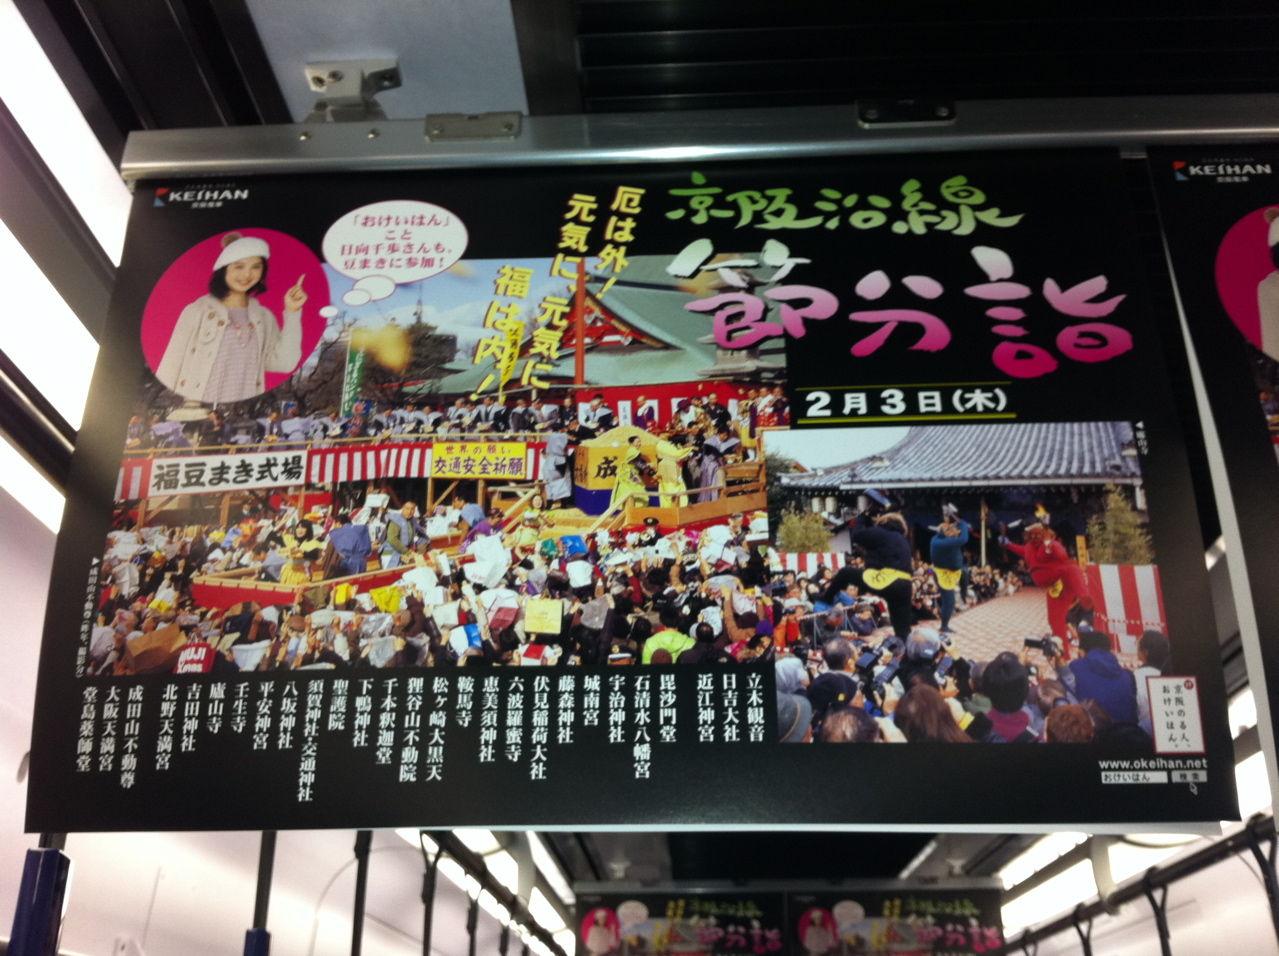 京阪沿線の節分詣の中吊り広告